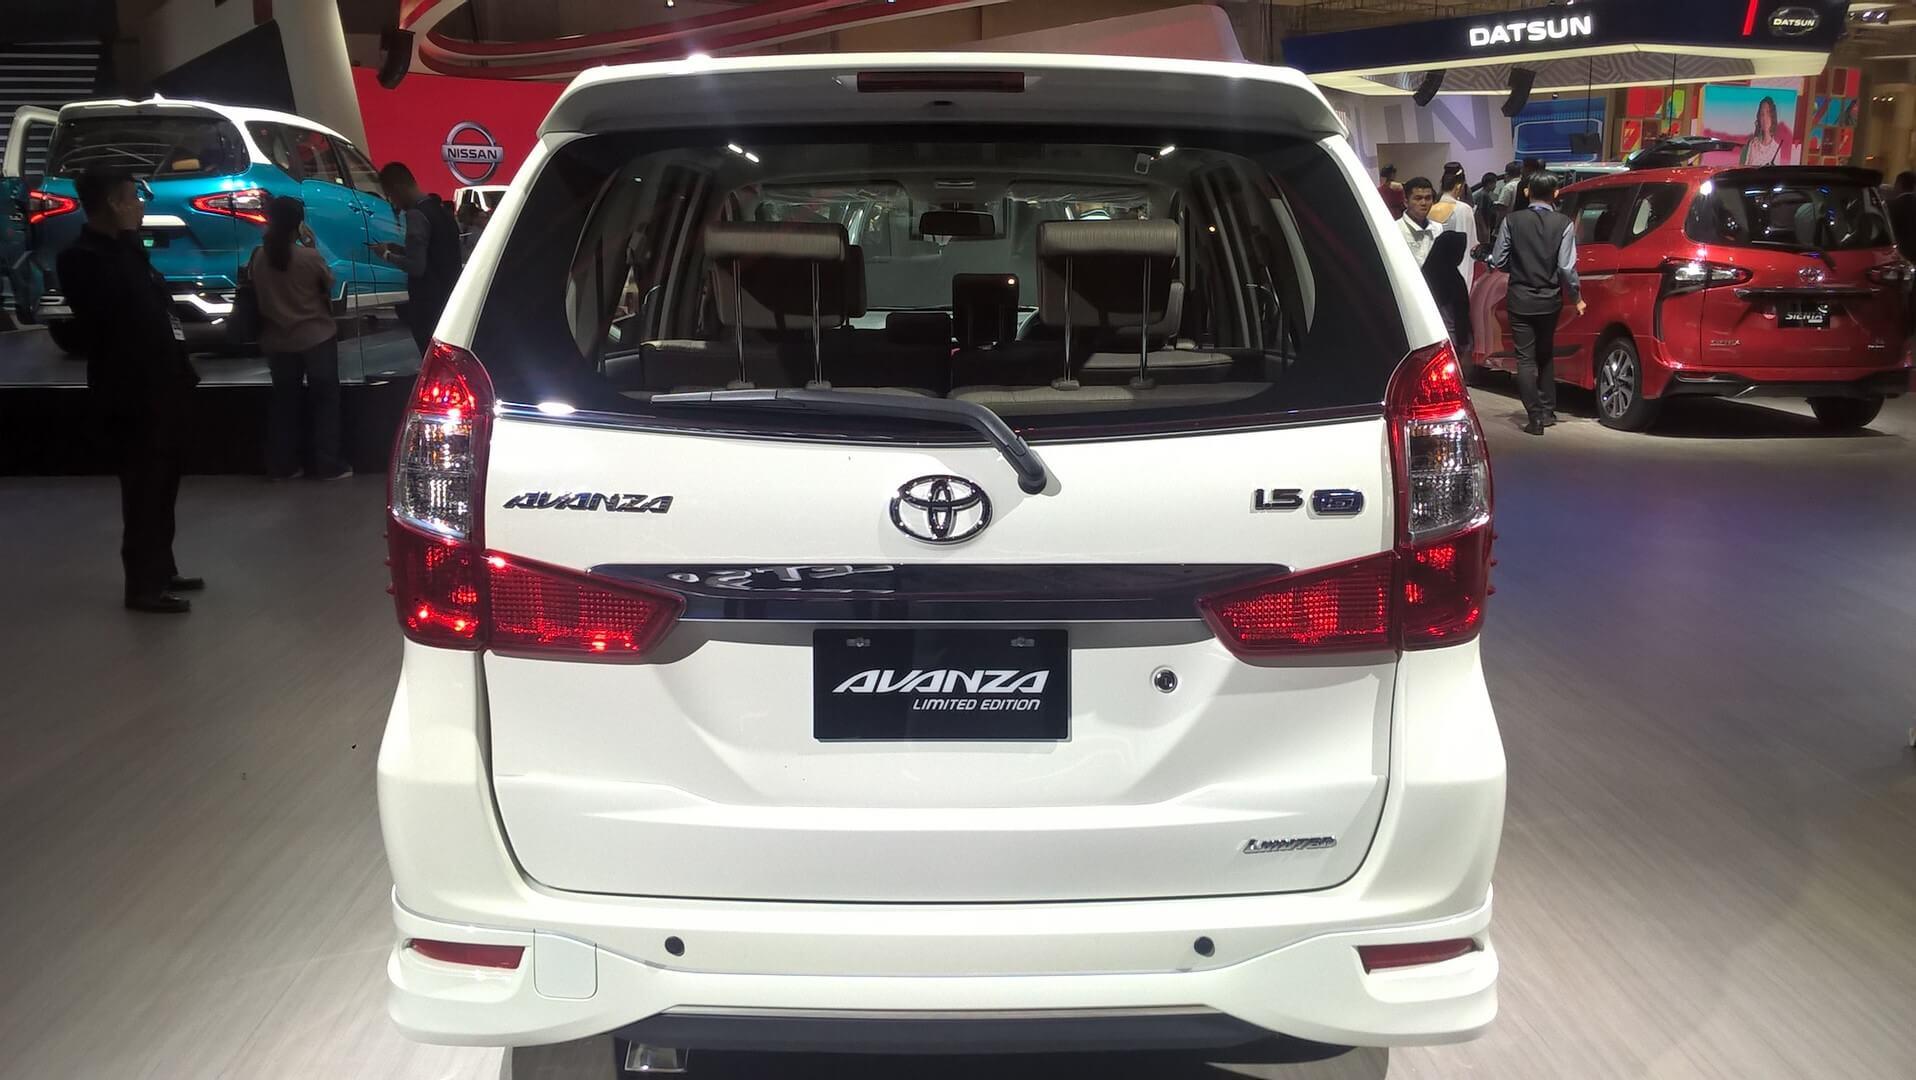 Hanya Diproduksi 150 Unit Inilah Yang Baru Dari Toyota